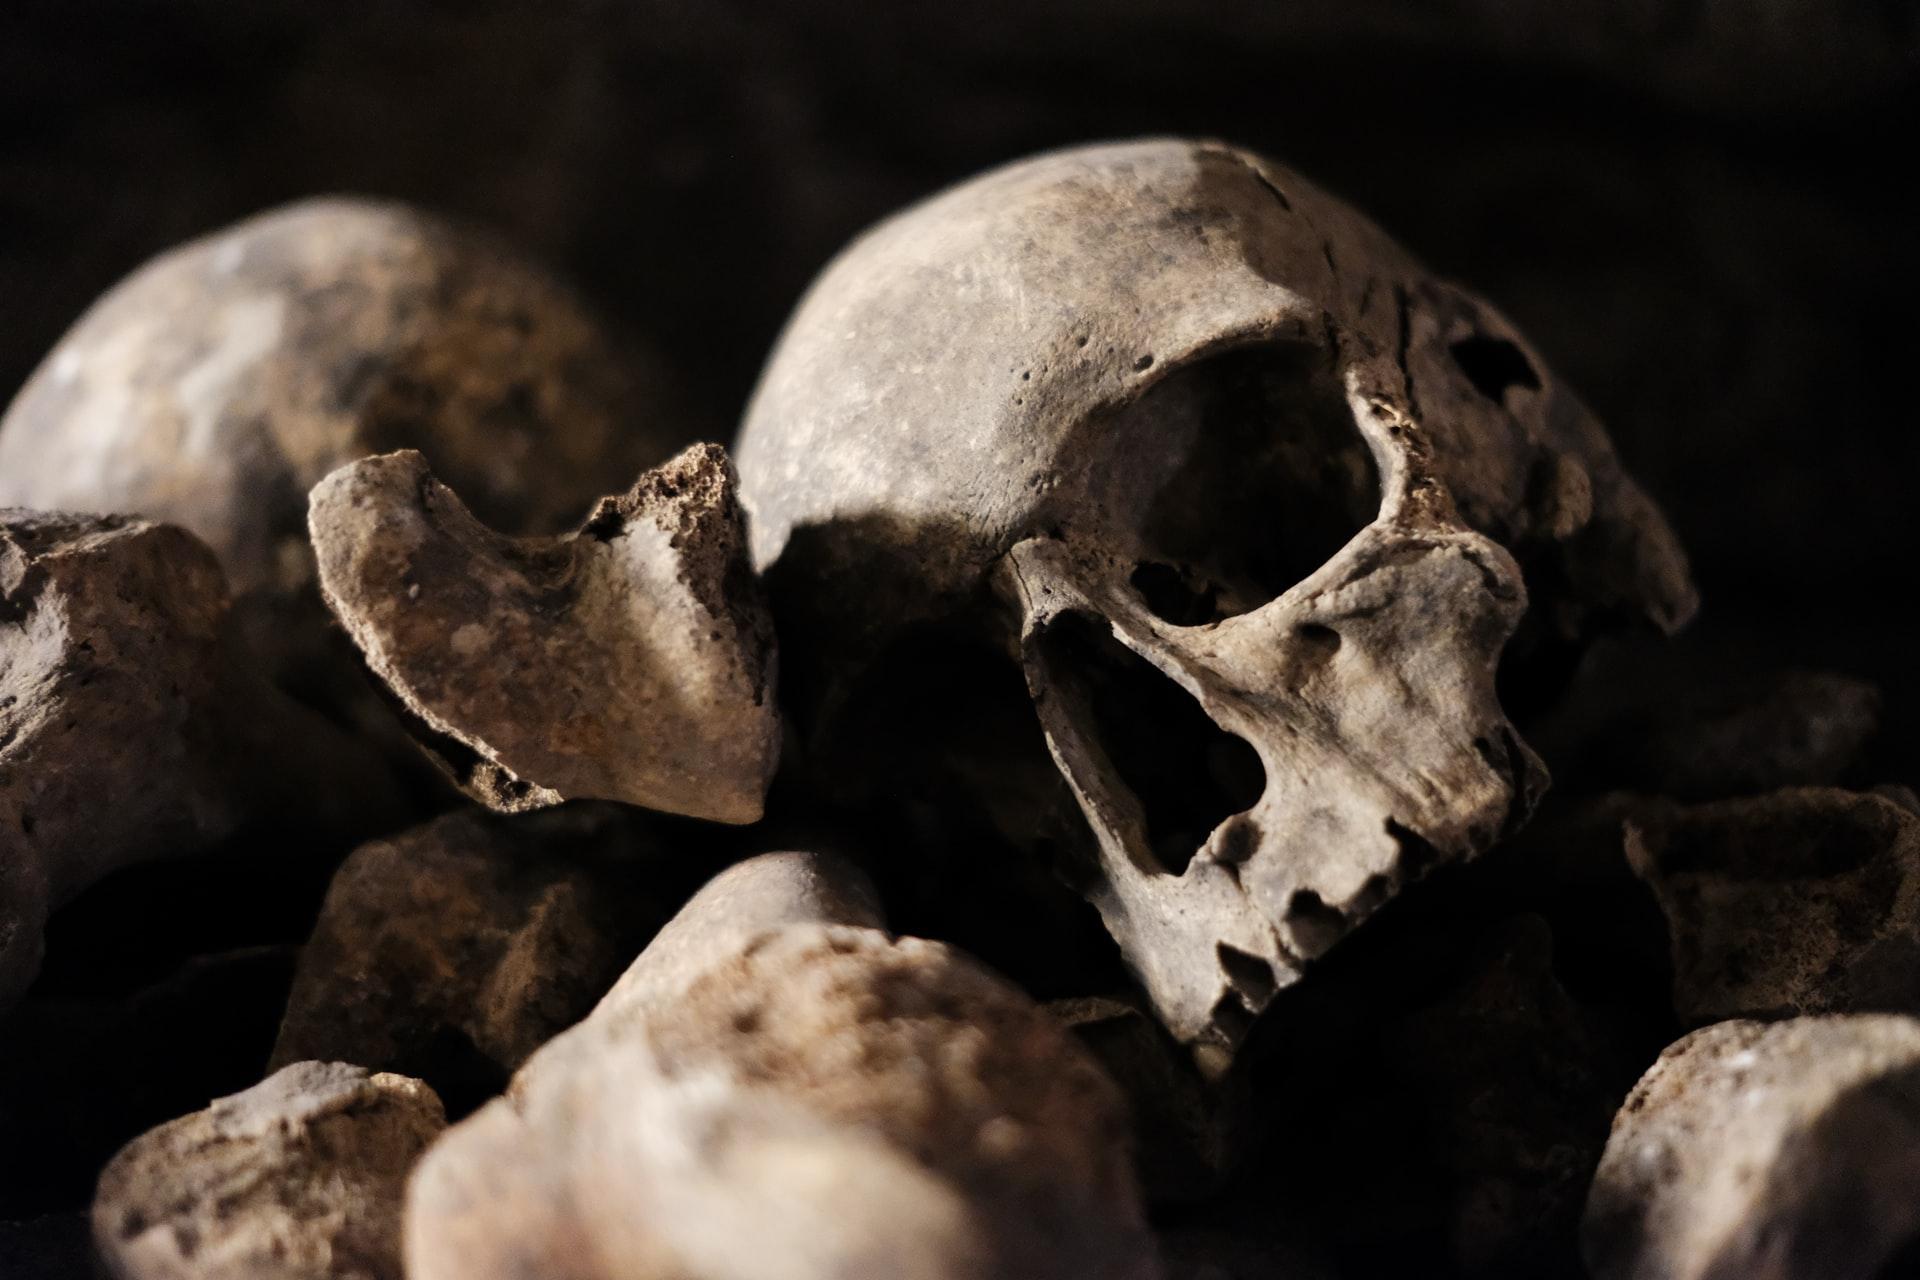 Ein menschlicher Schädel der auf anderen Knochen ruht.